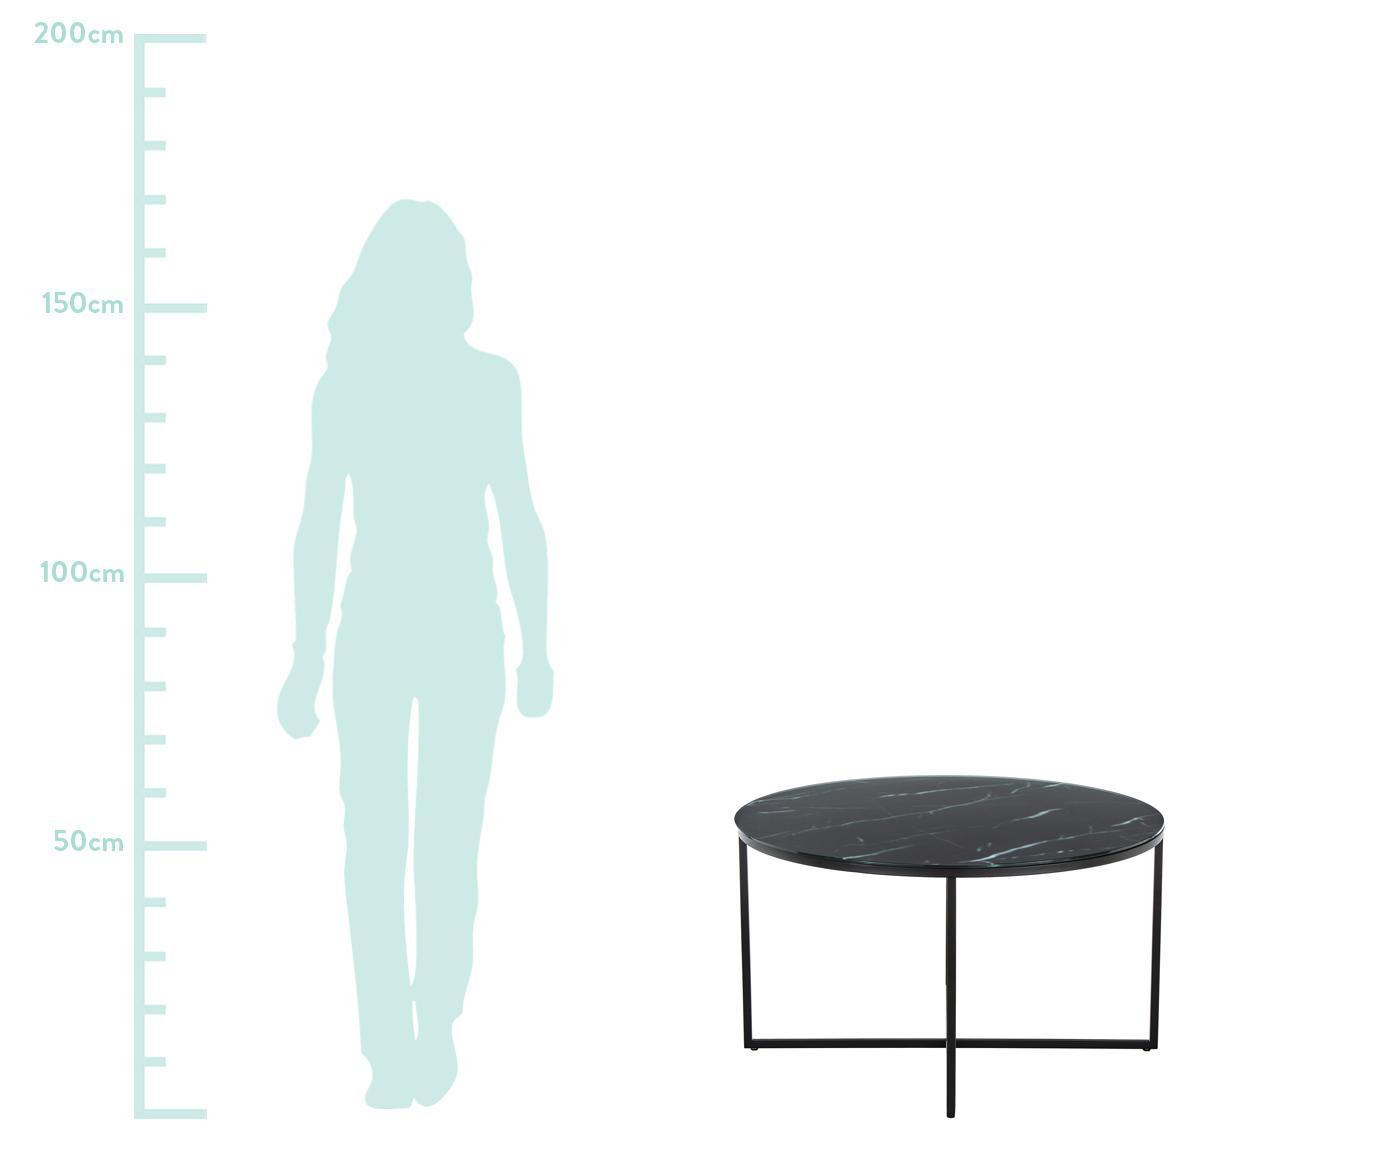 Tavolino da salotto con piano in vetro Antigua, Piano d'appoggio: vetro stampato opaco, Struttura: acciaio verniciato a polv, Nero-grigio marmorizzato, nero, Ø 80 x Alt. 45 cm